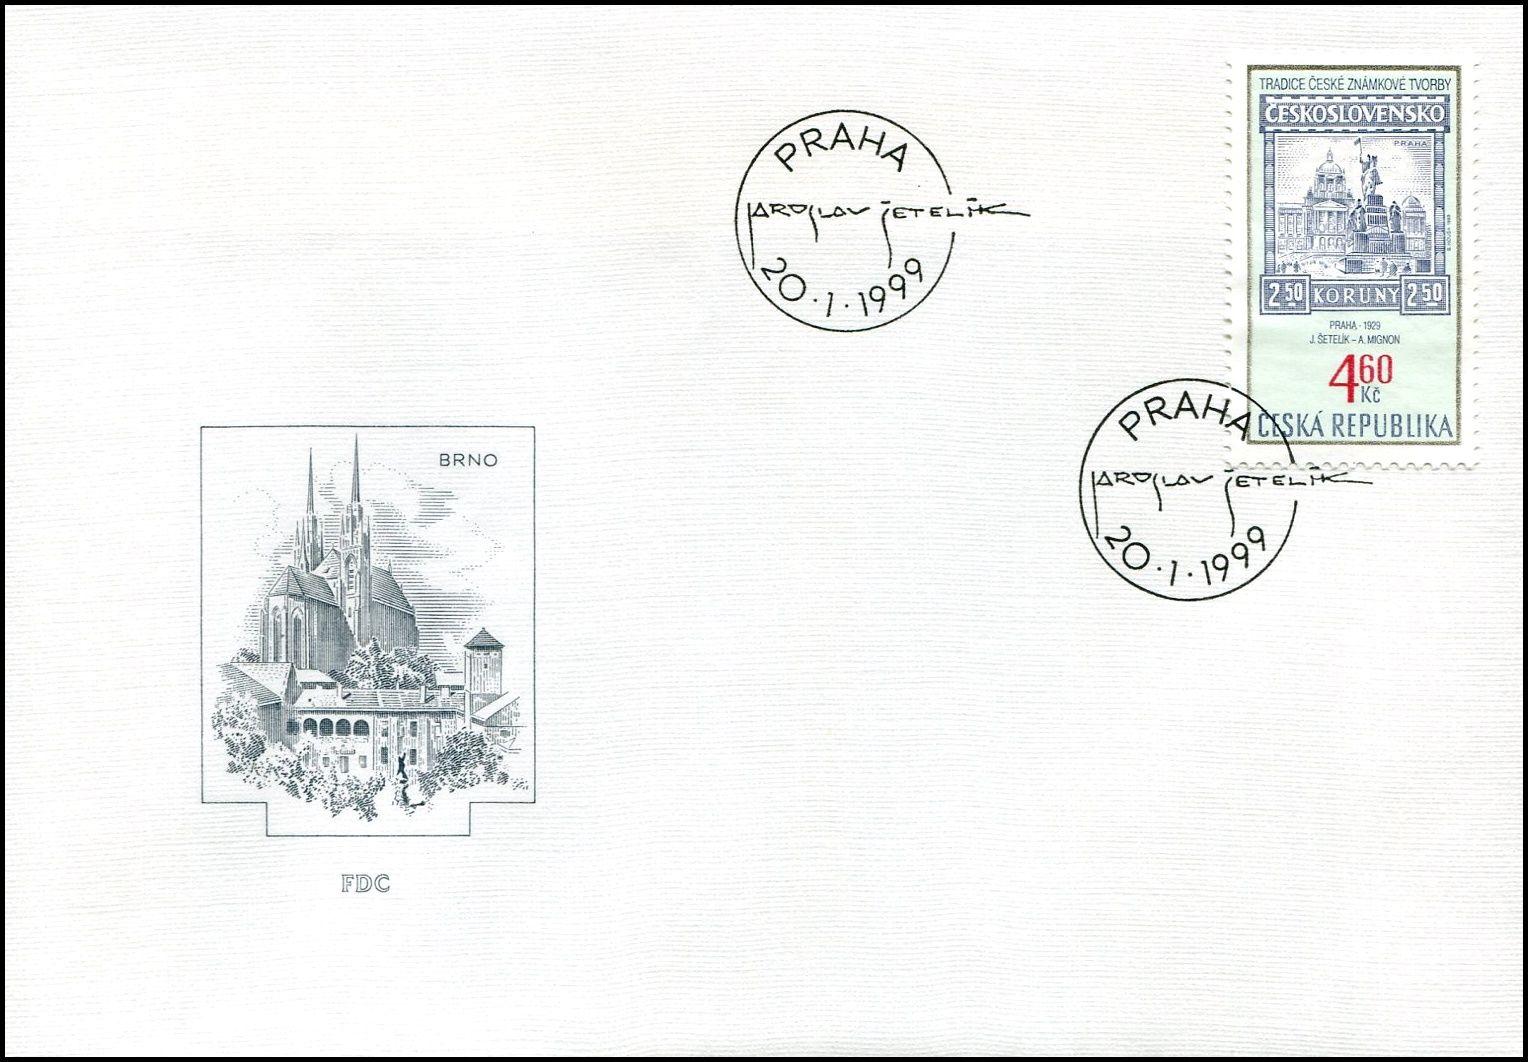 (1999) FDC 204 - Tradice české známkové tvorby